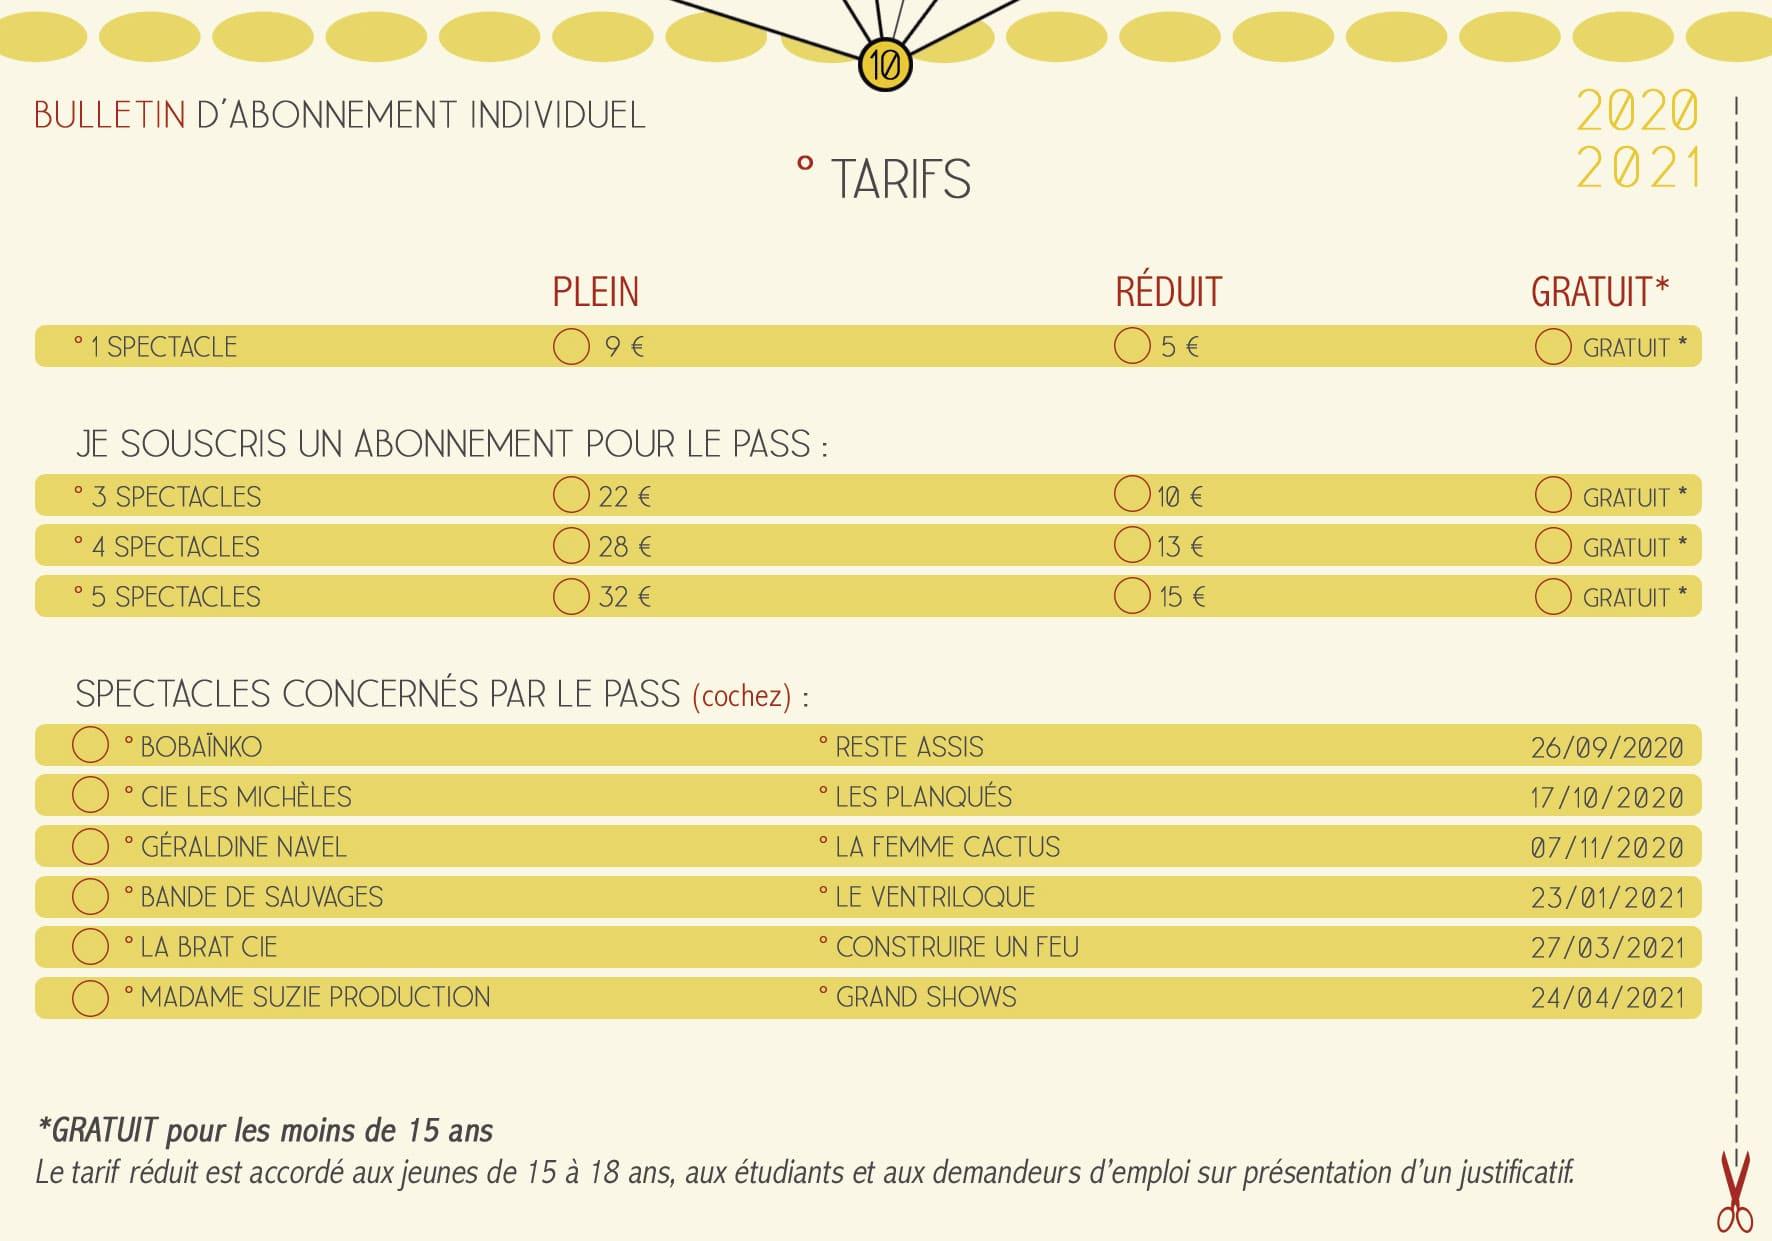 COUFFE-Saison-culturelle-brochure-A6-2020001788-AC_Page_10